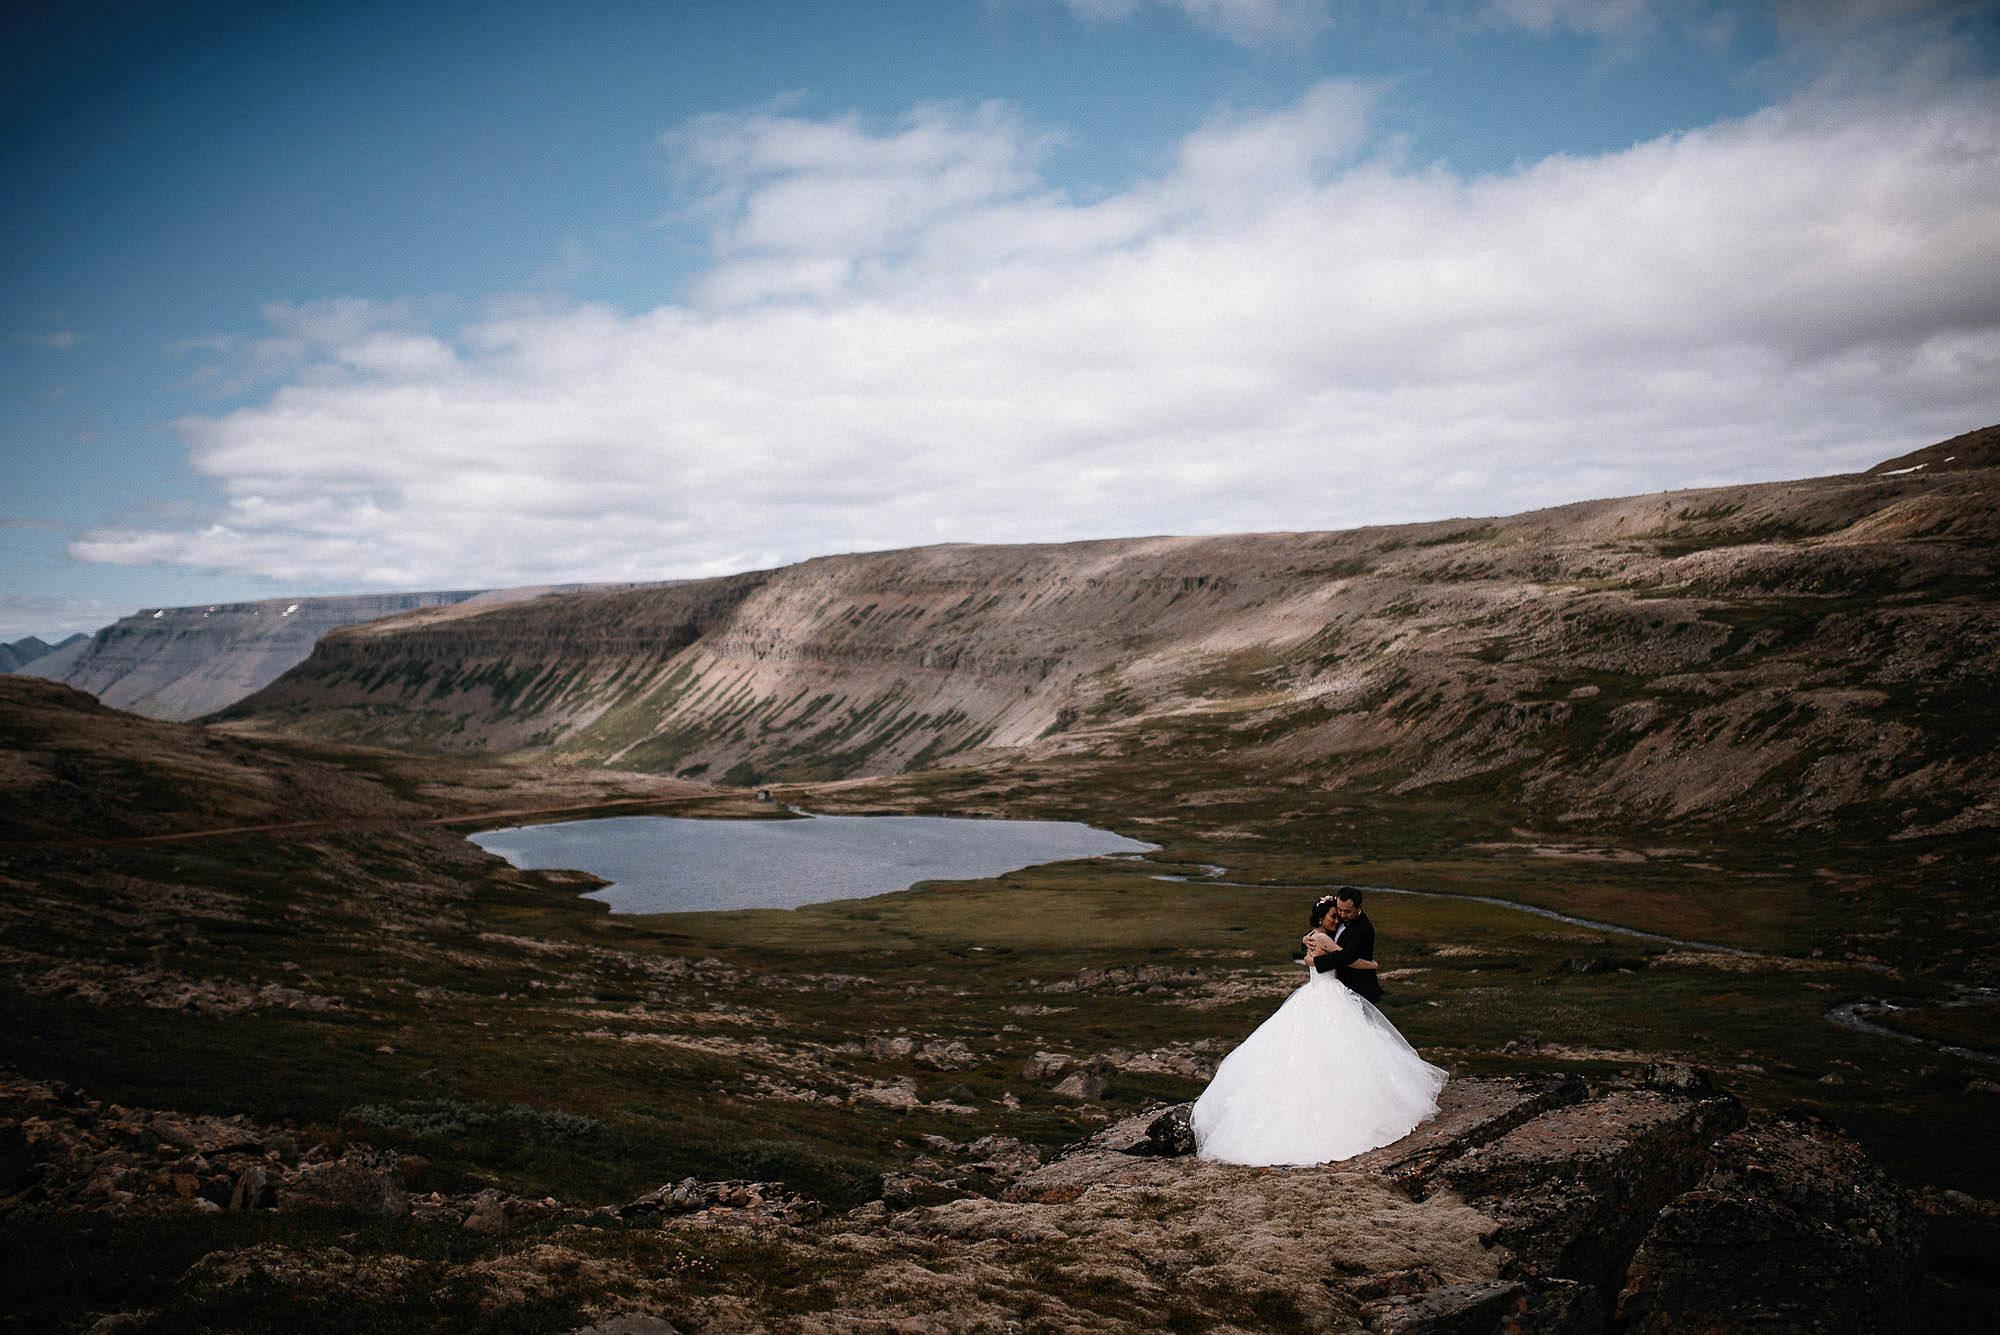 iceland-wedding-photographer_jere-satamo_photography-reykjavik-039.jpg